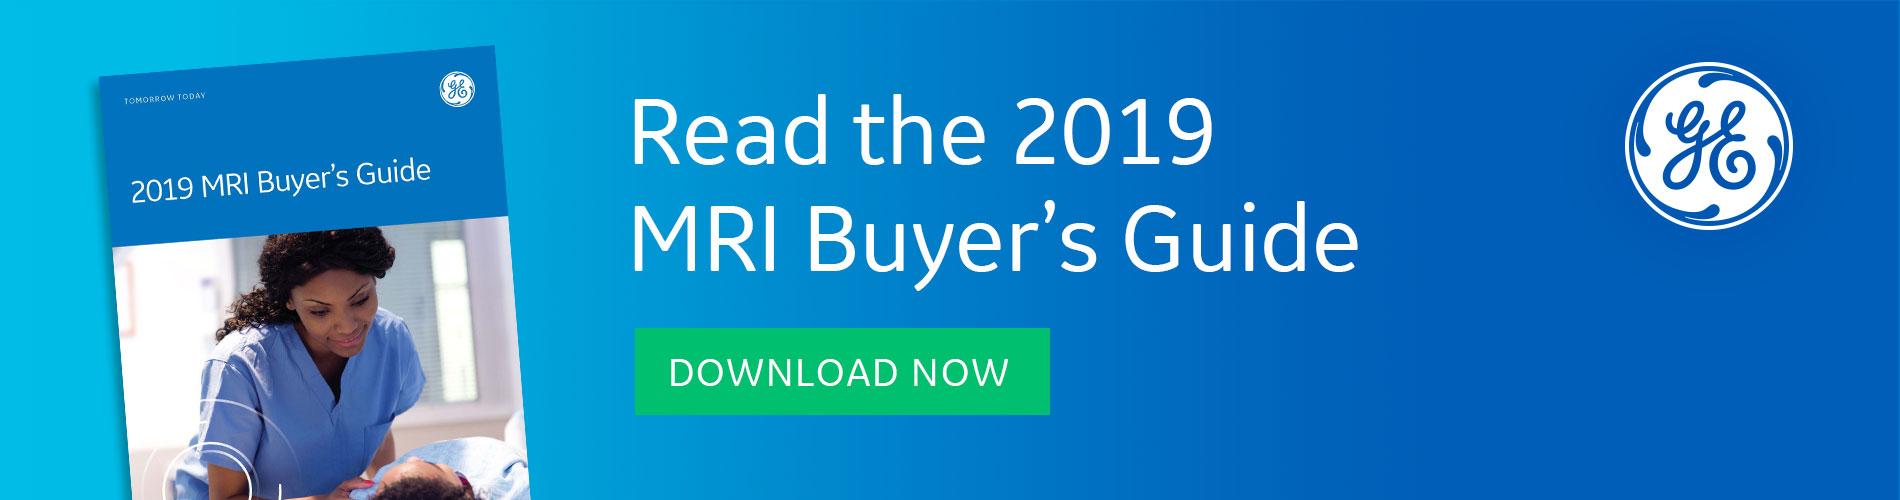 2019 Buyer's Guide Light